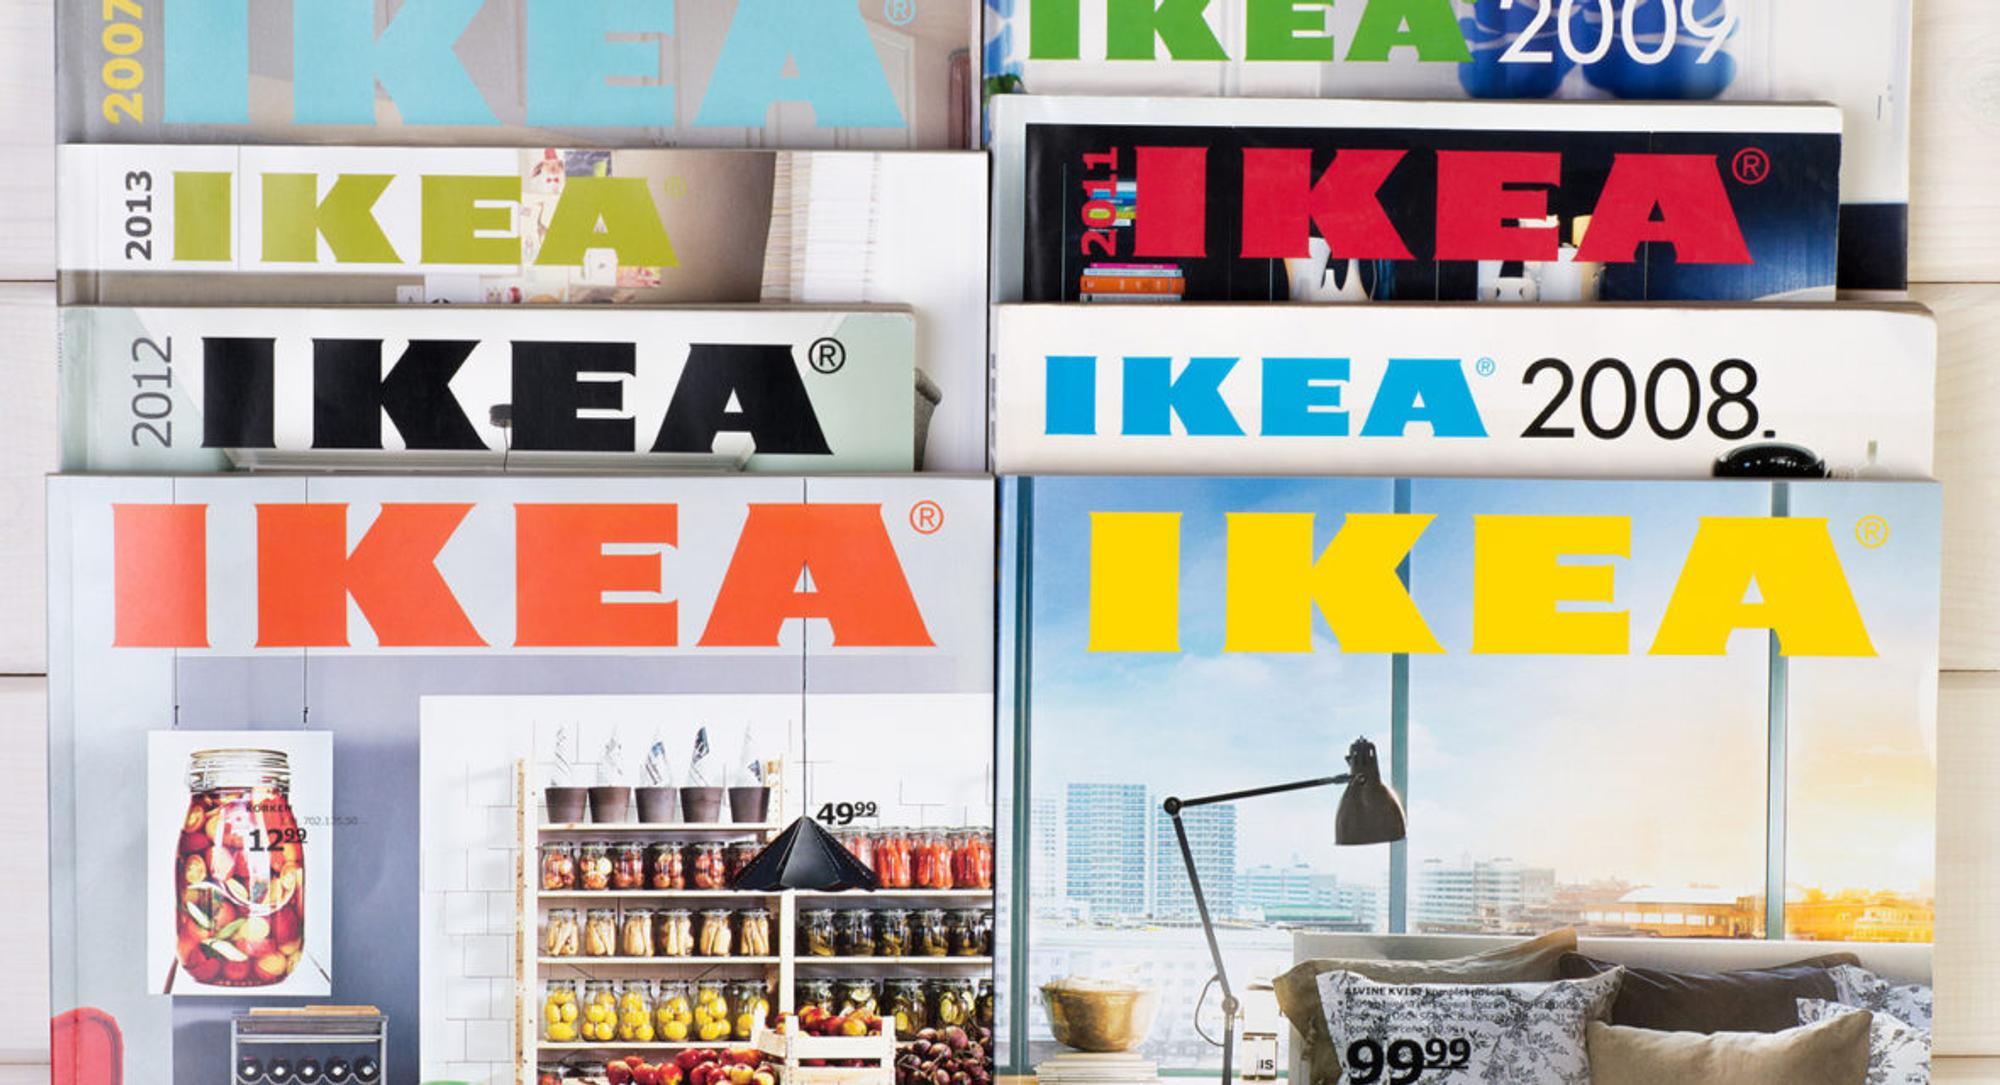 Lust auf einen modernen Touch in deiner Küche? Dann schau dir diese tollen Ikea-Inspirationen an.